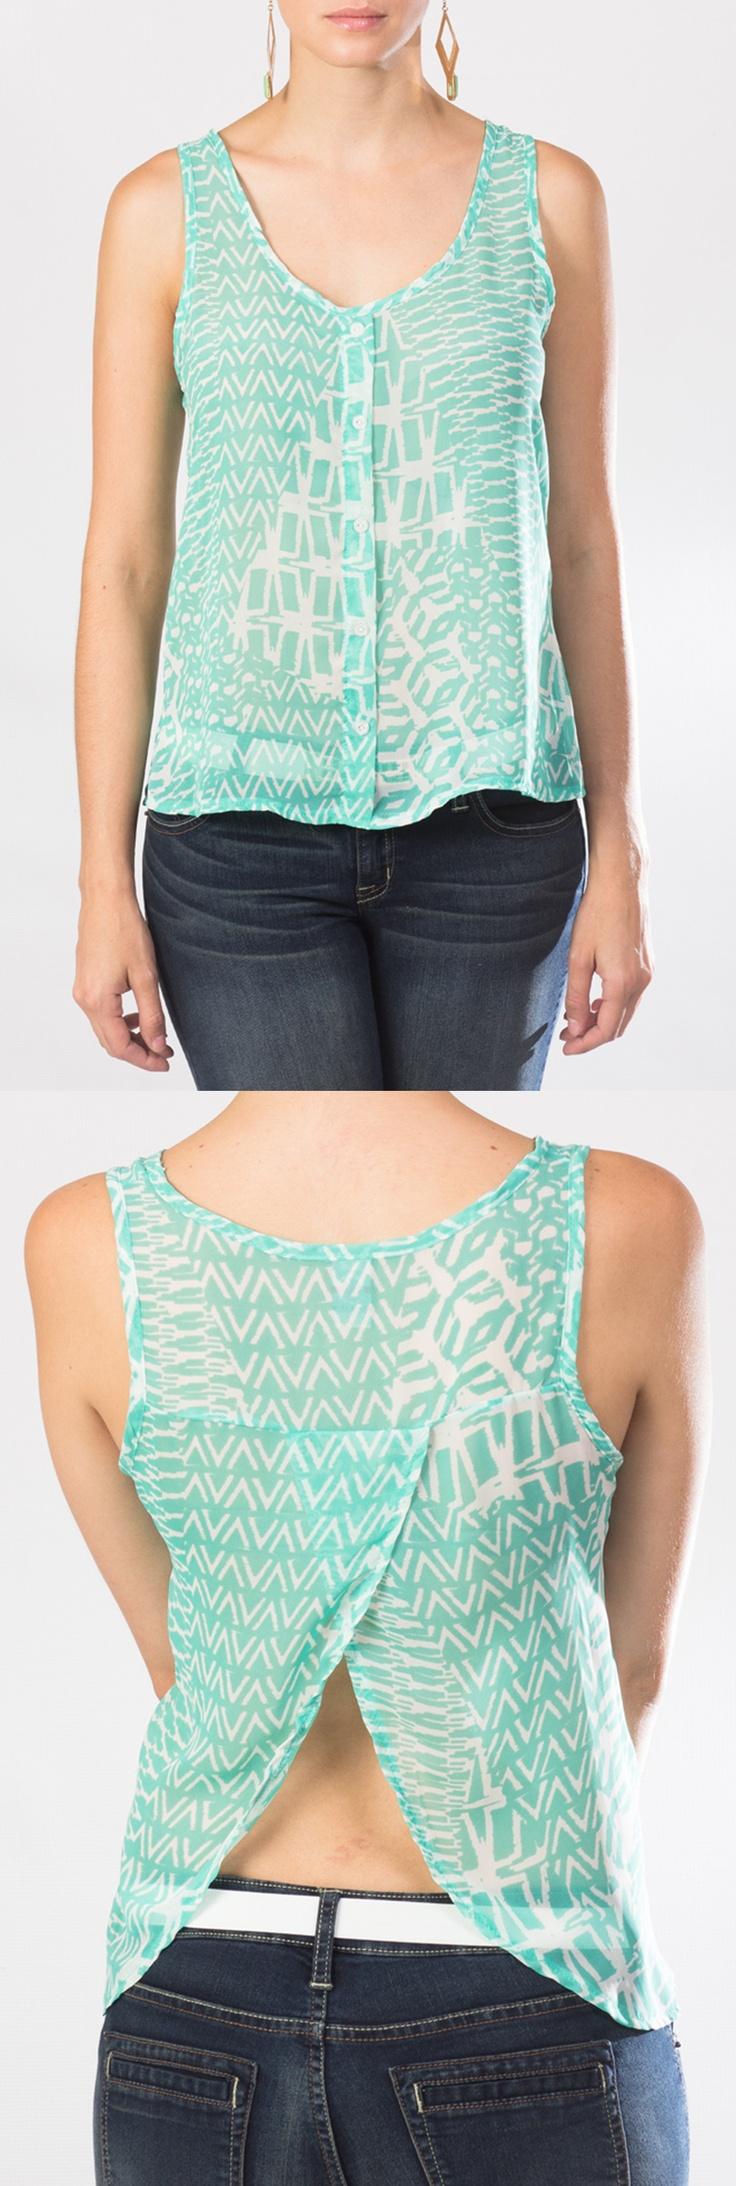 Mira esta linda blusa verde menta de chiffon, sin mangas y con un discreto escote en la espalda. ¿linda vedad?